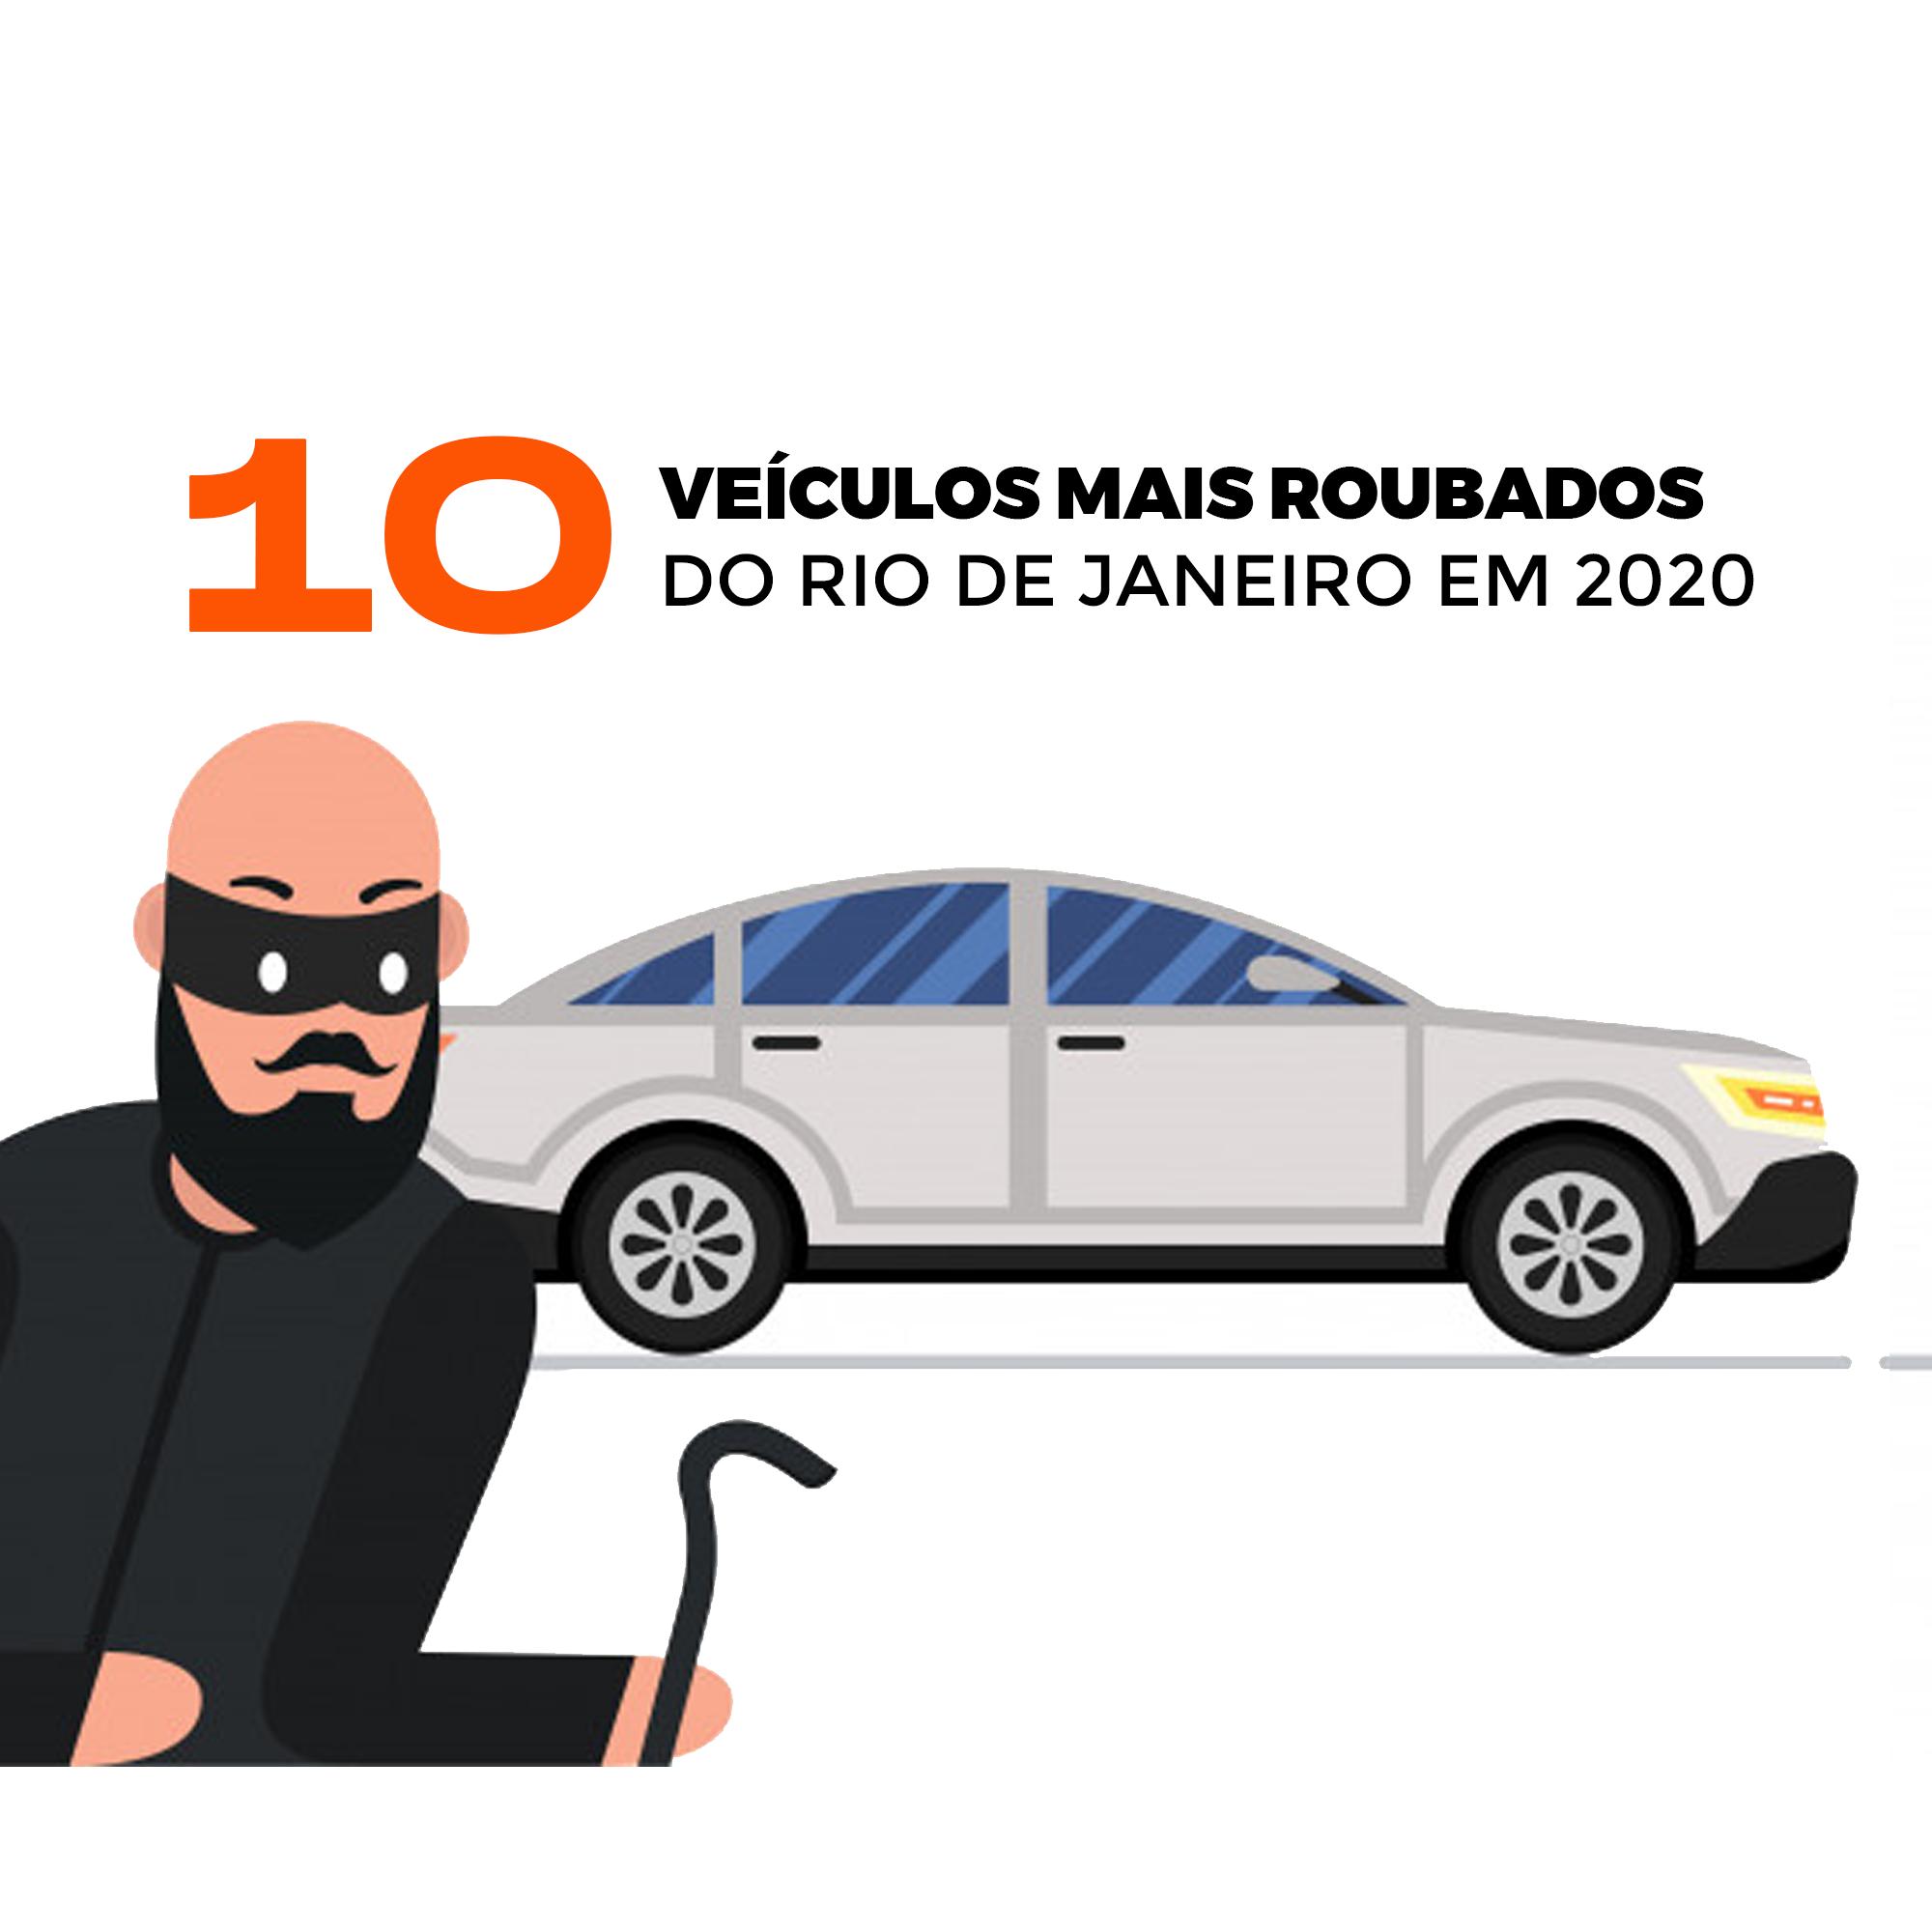 OS 10 VEÍCULOS MAIS ROUBADOS/FURTADOS DO RIO DE JANEIRO EM 2020